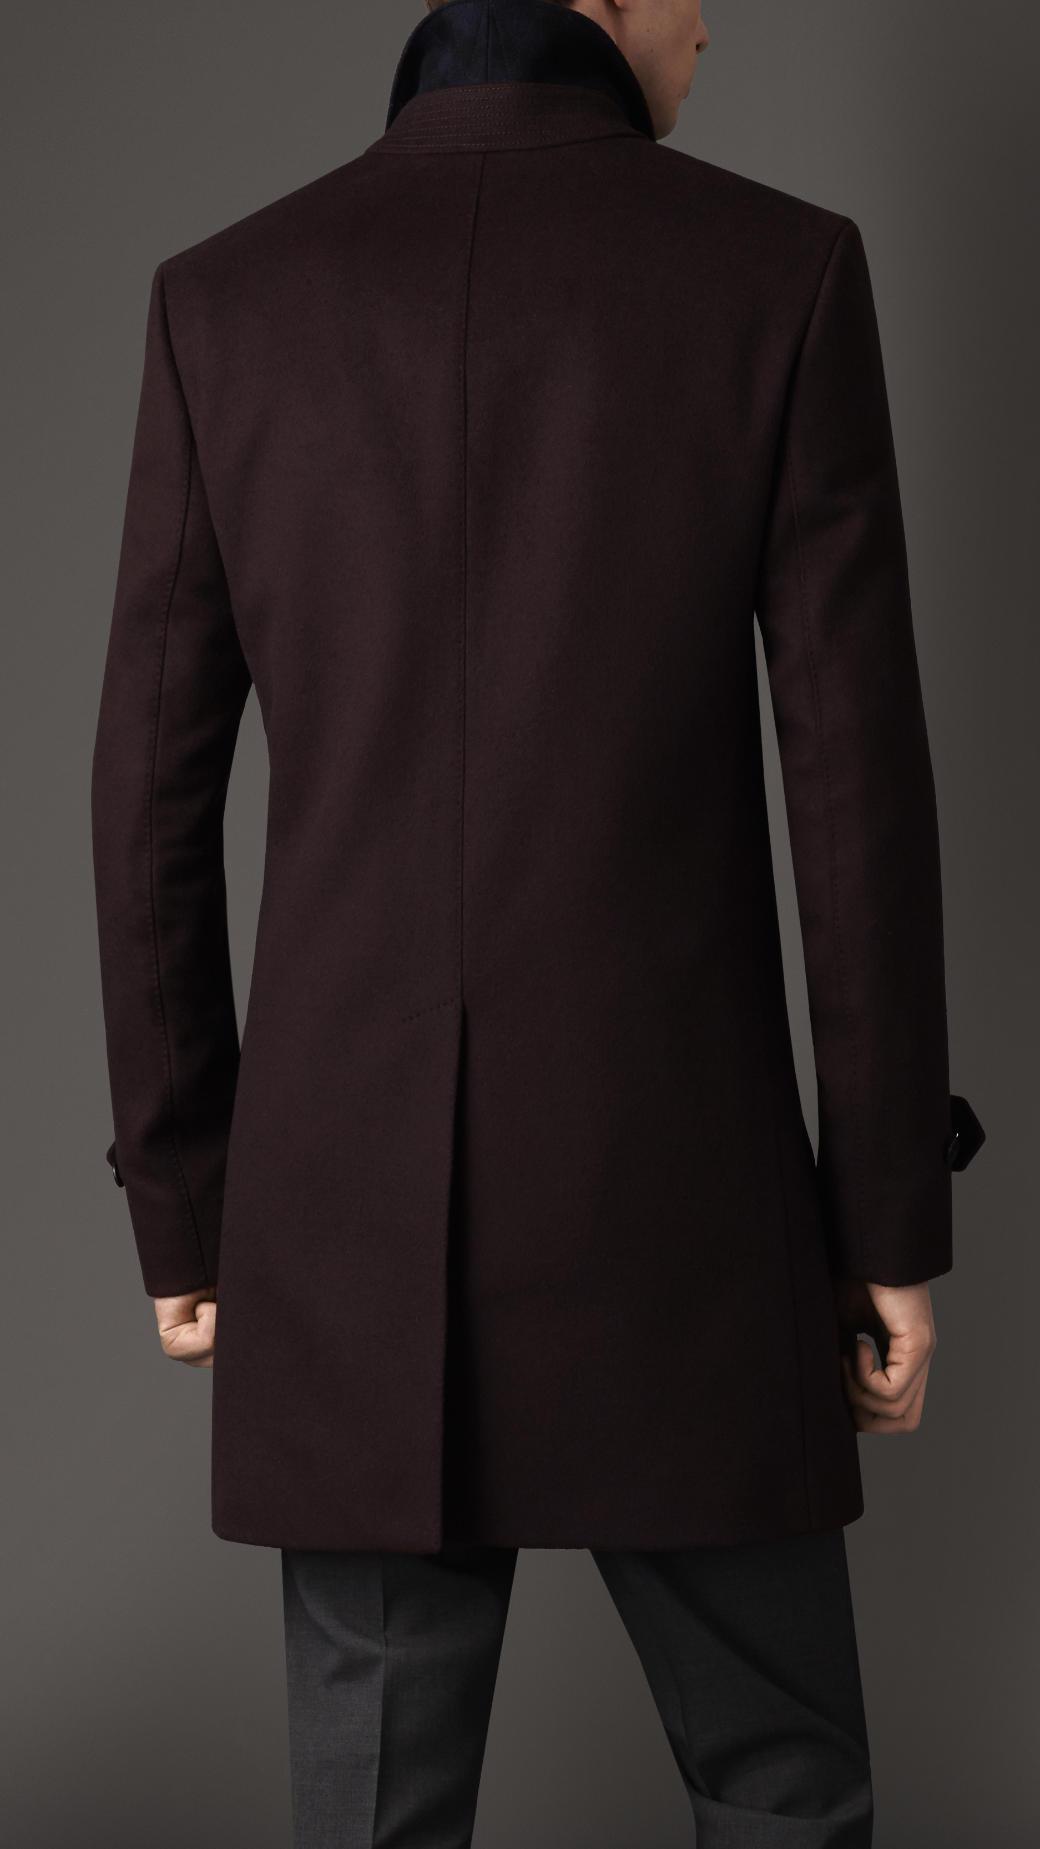 Wool Cashmere Car Coat - Sm Coats